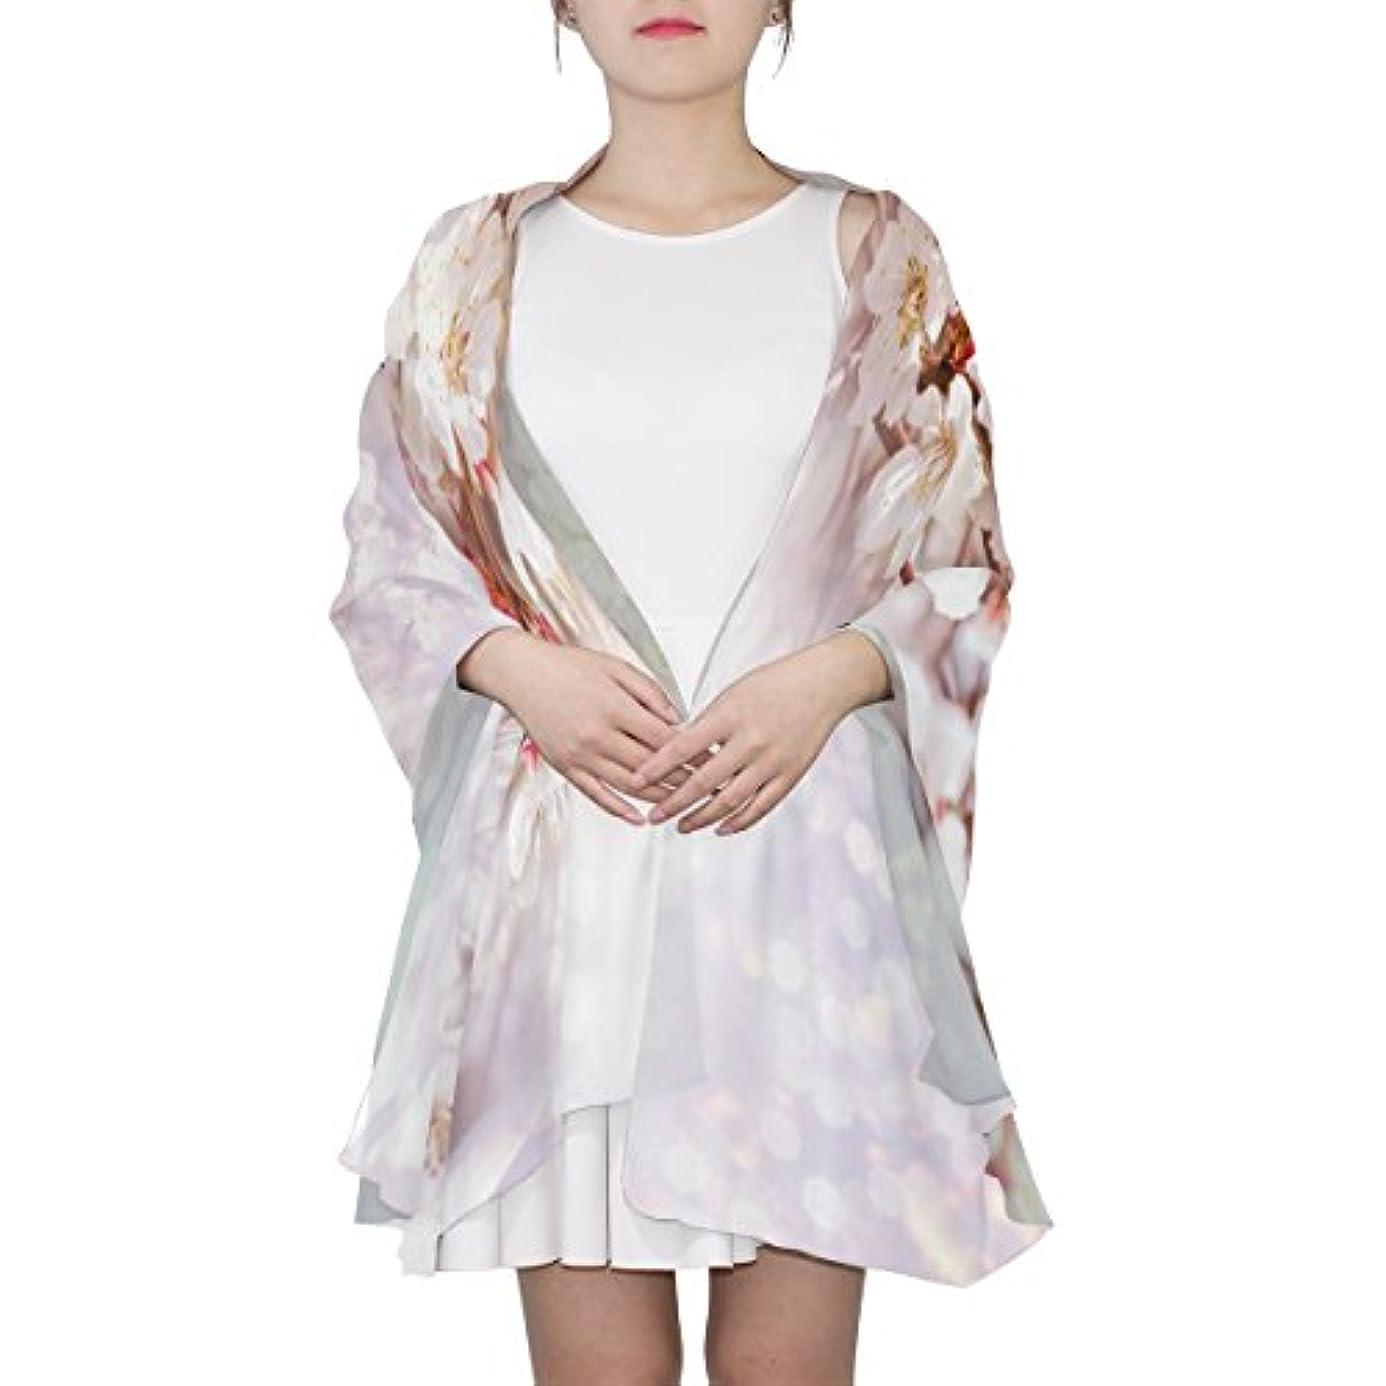 温度計マディソンレオナルドダGORIRA(ゴリラ) サクラ 花柄 ホワイト ロング 人気 おしゃれ 個性 スカーフ ストール バンダナ 肌触り抜群 薄手 プレゼント レディース やわらかい シフォン 絹のスカーフ 90x180cm